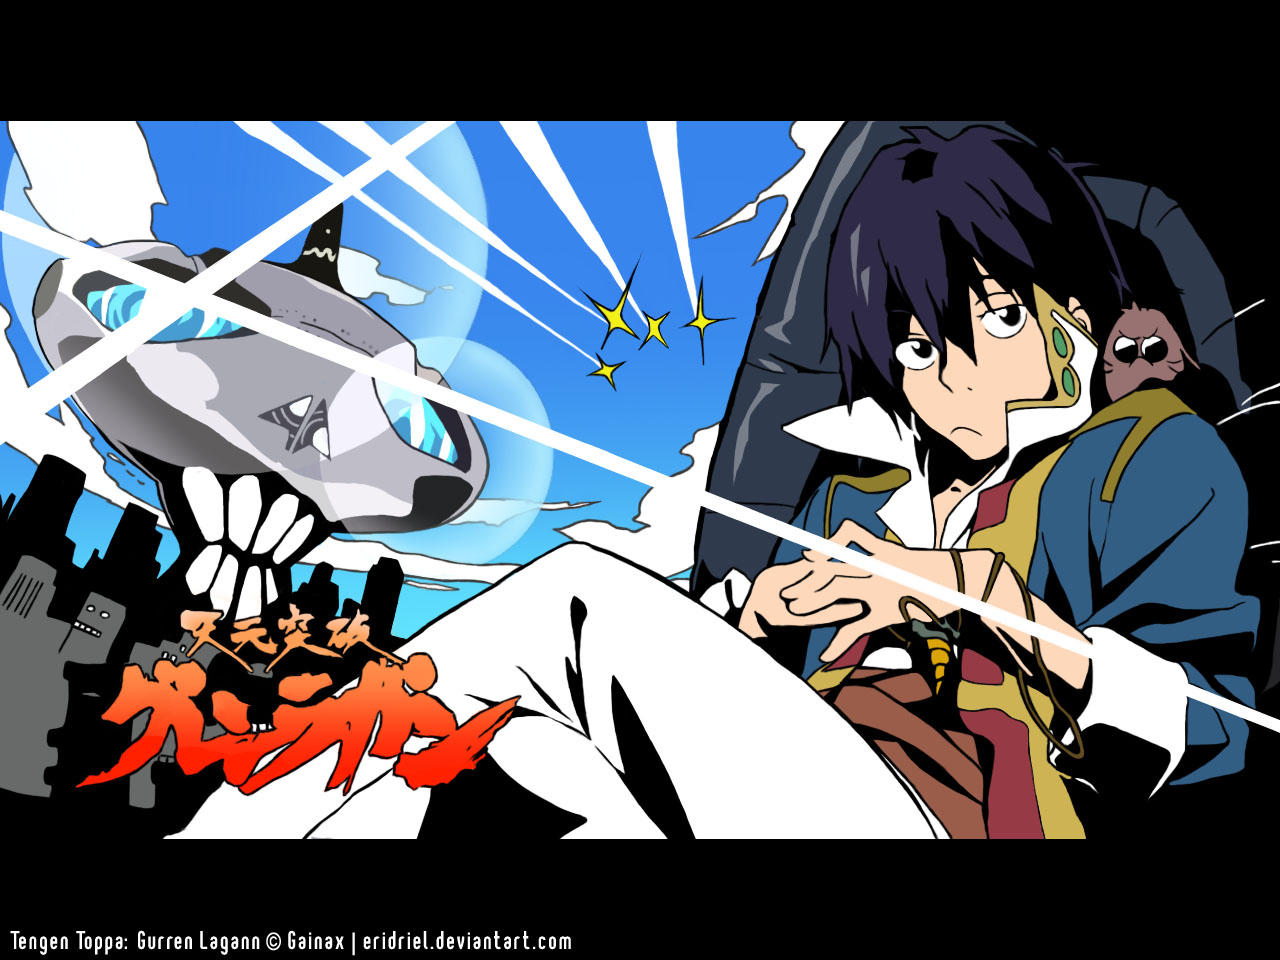 Critica : Tengen Toppa Gurren Lagann Animepaperwallpapers_tengen-toppa-gurren-lagann_eridriel133_1280x960_78469